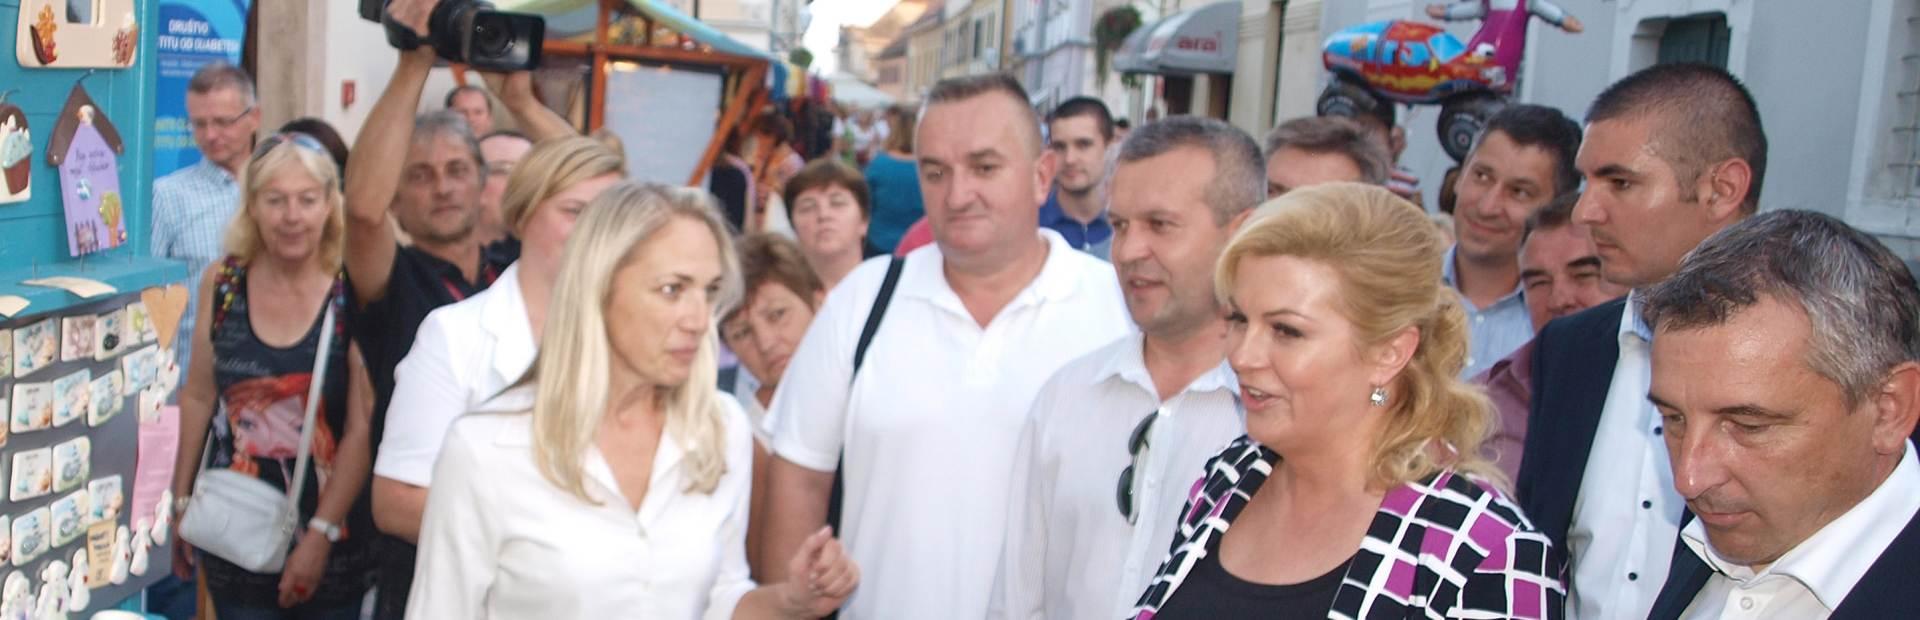 """Grabar Kitarović: """"Špancirfest"""" među najpopularnijim festivalima"""